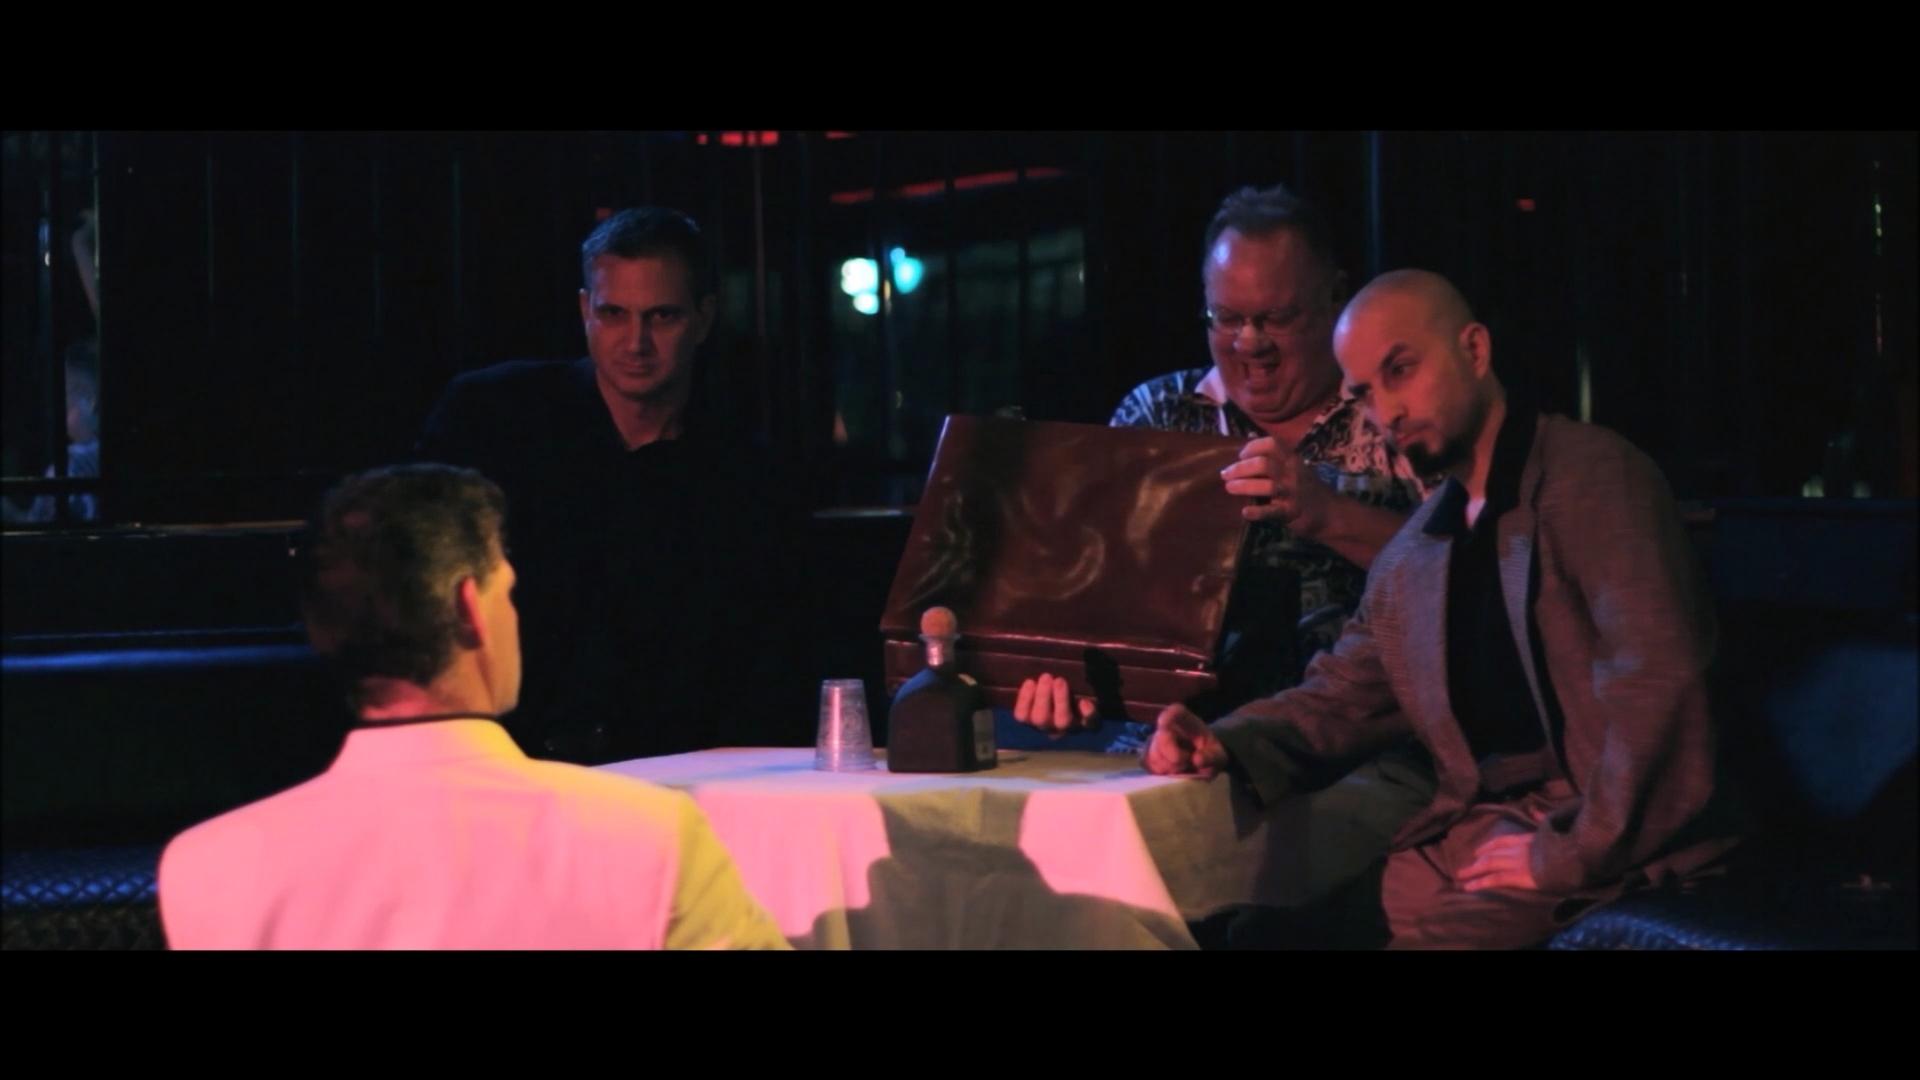 Joel D. Wynkoop, Chris Polidoro, Jeff Sheppard, and Steven Elliot in Peace Love Unity Revenge (2013)